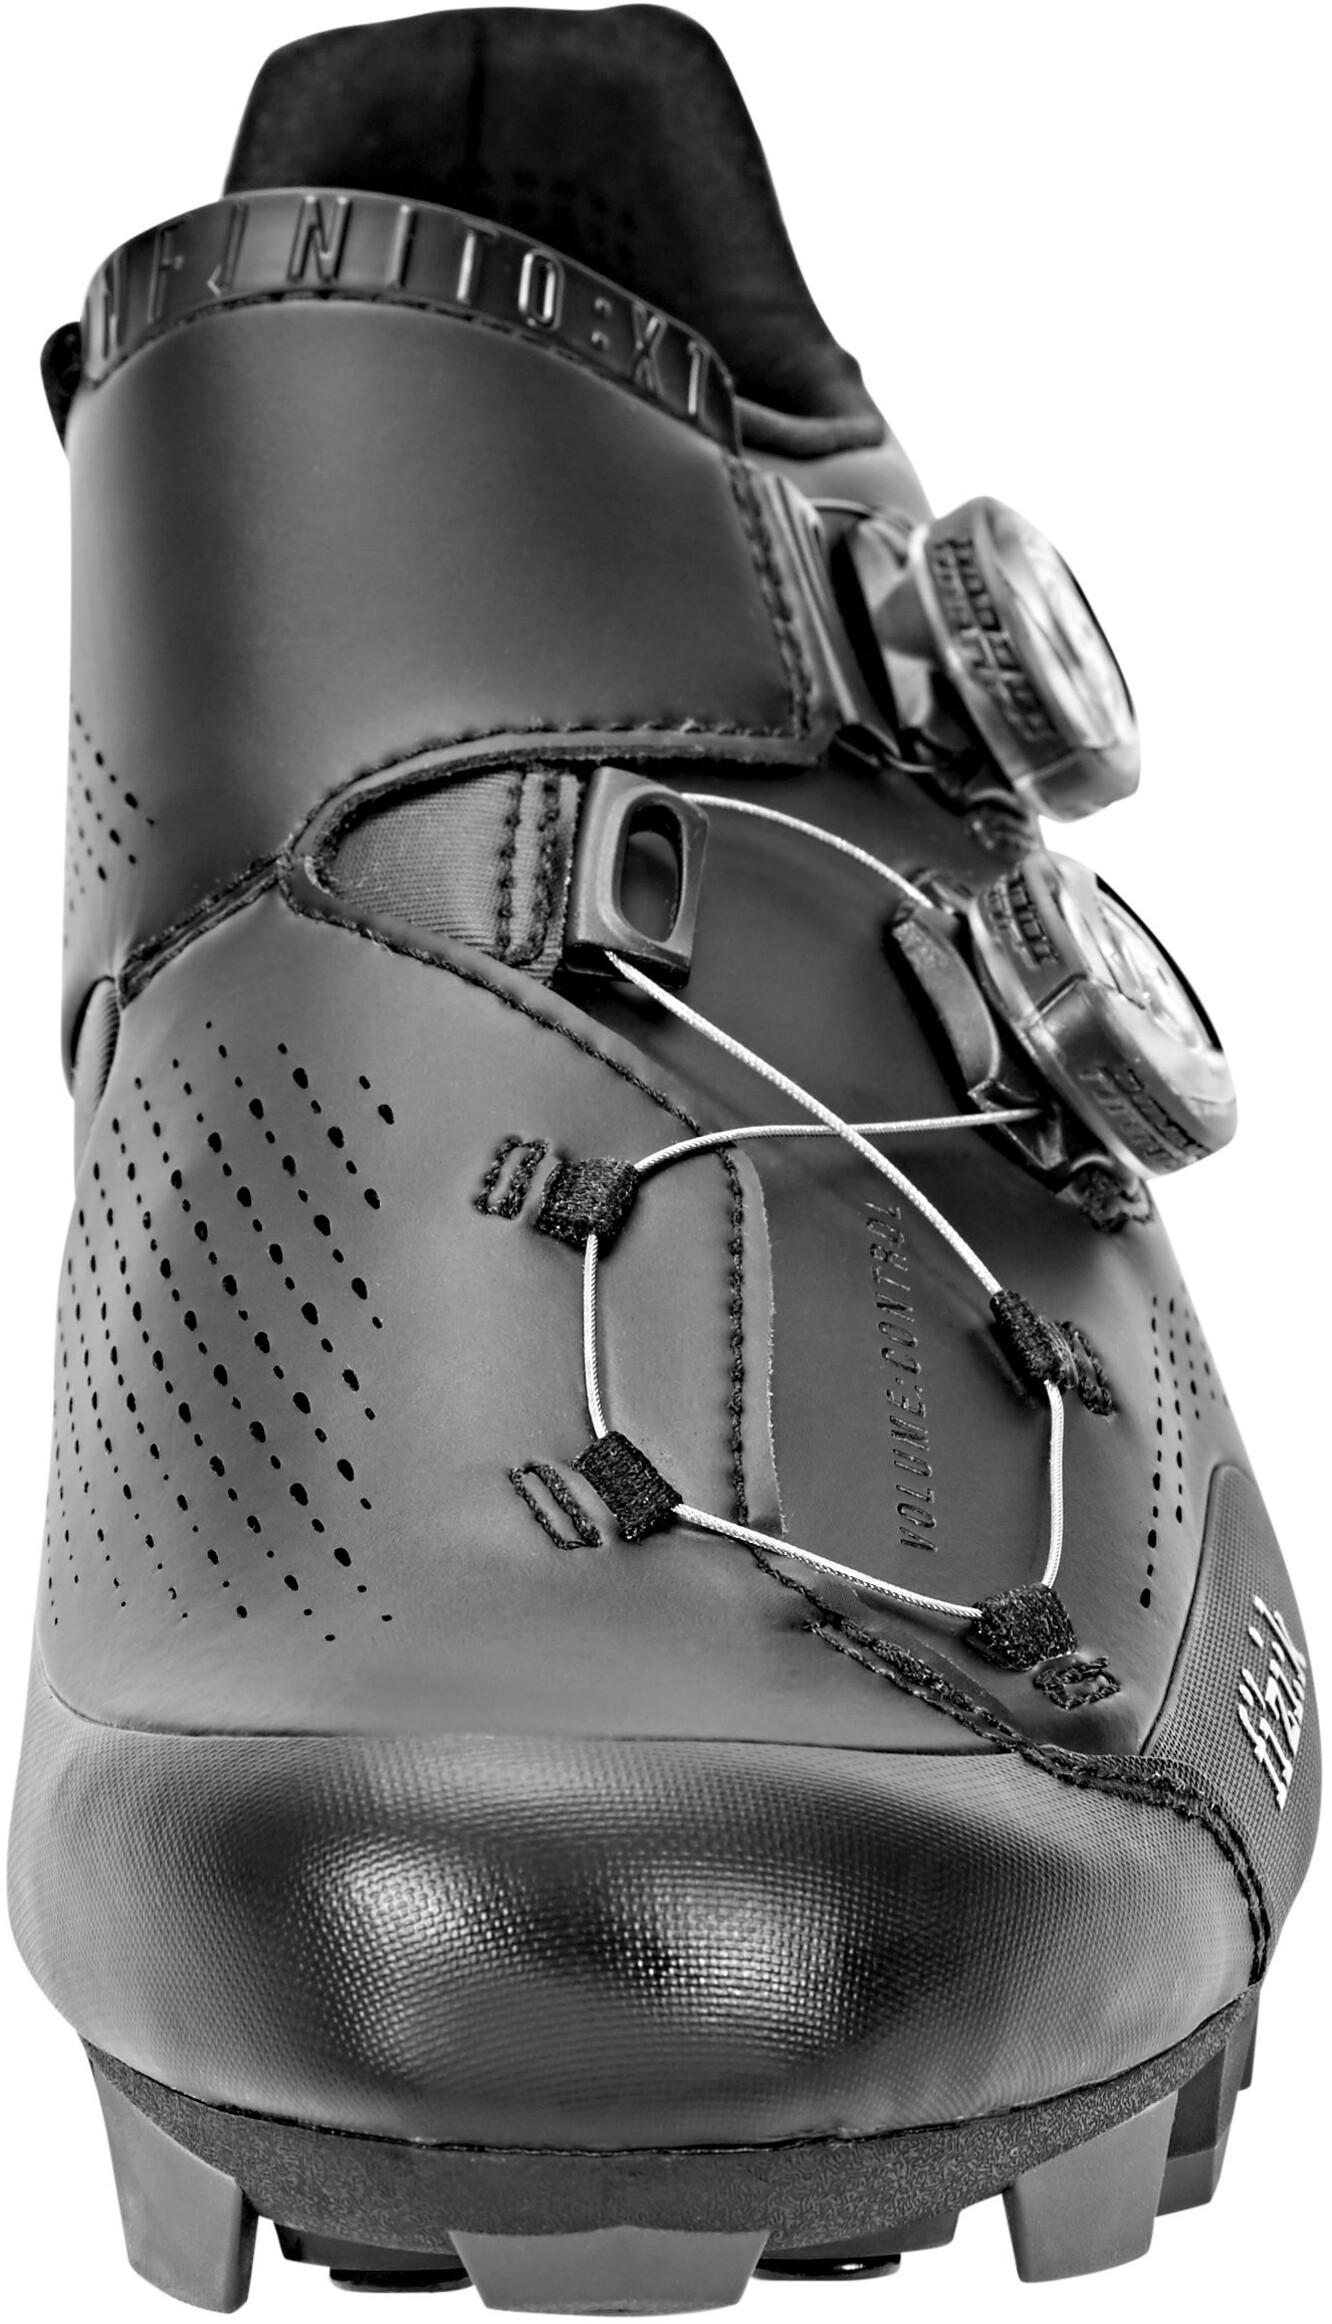 Fizik Infinito X1 Miehet kengät  10c7ca5ed5